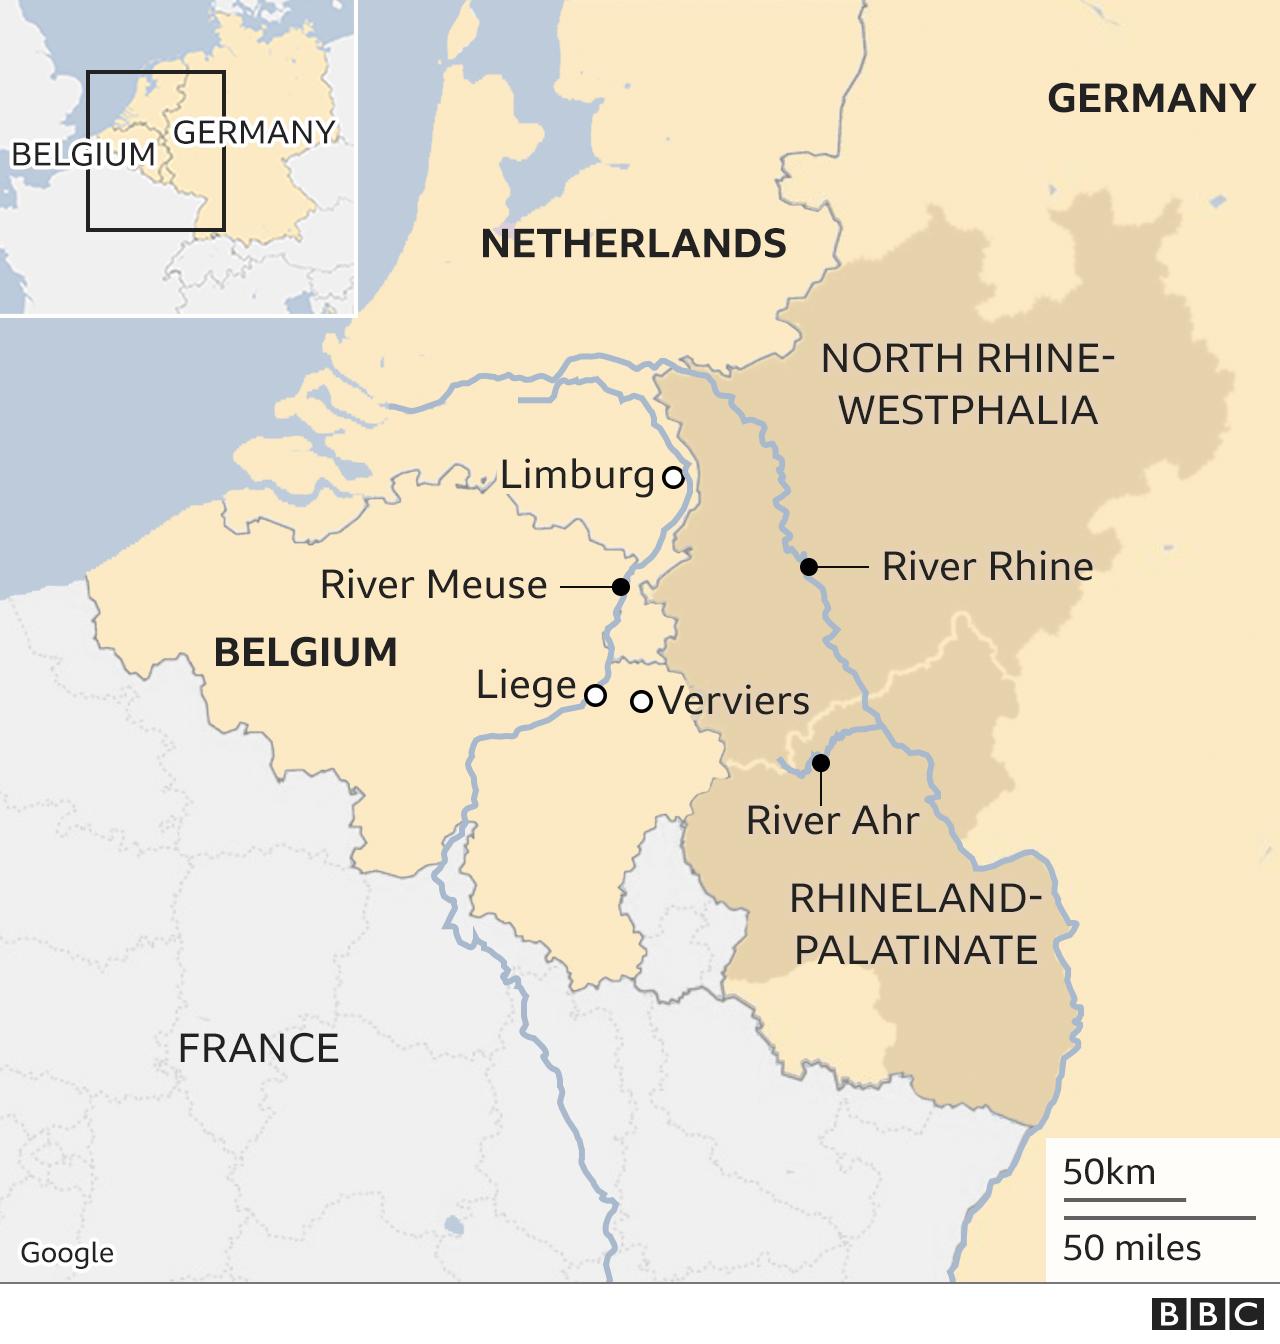 Mapa de inundaciones de Alemania: